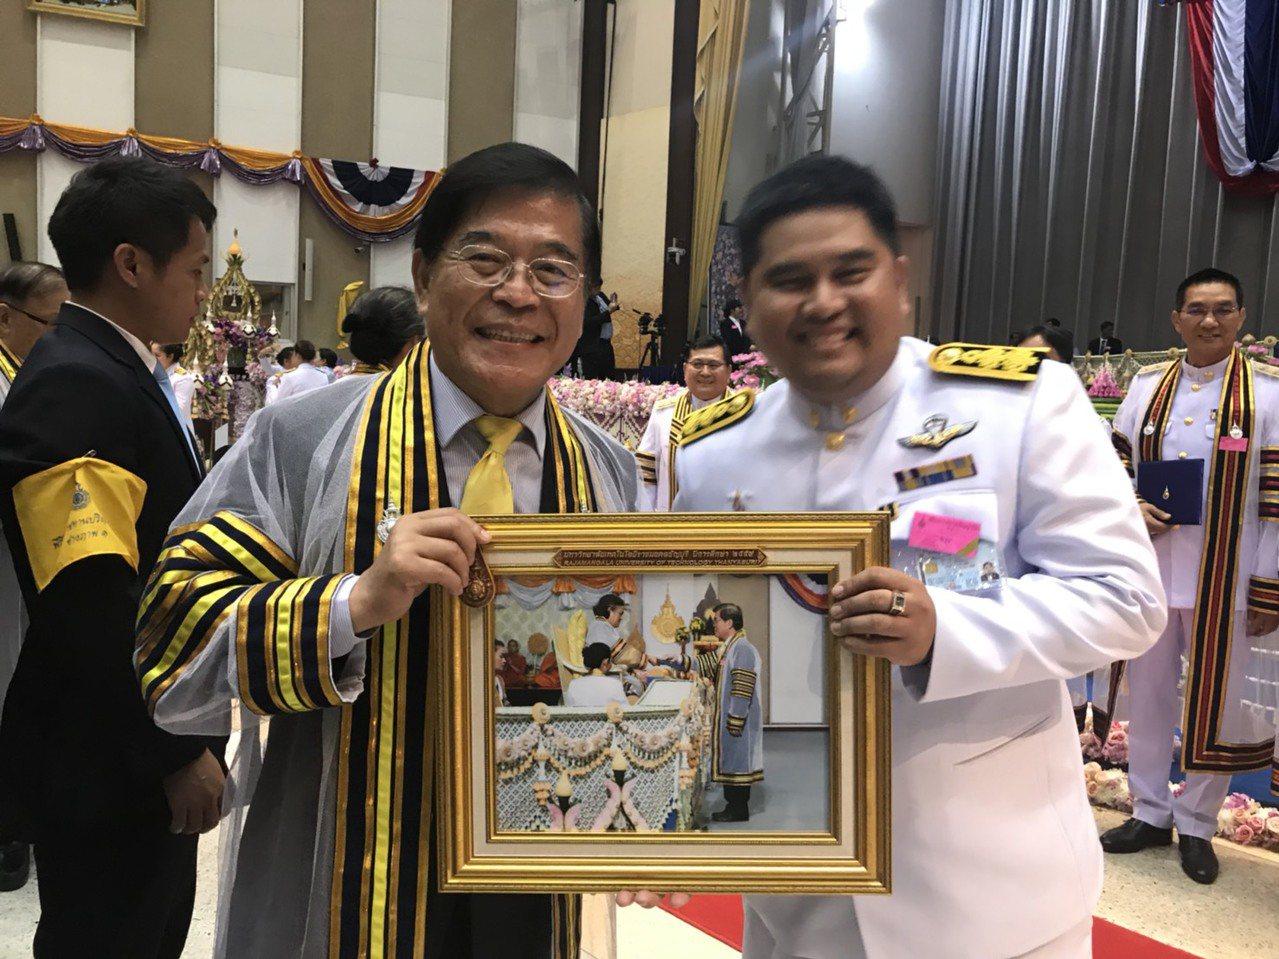 屏東大學校長古源光(左)獲泰國皇家理工大學頒榮譽博士學位。圖/屏東大學提供